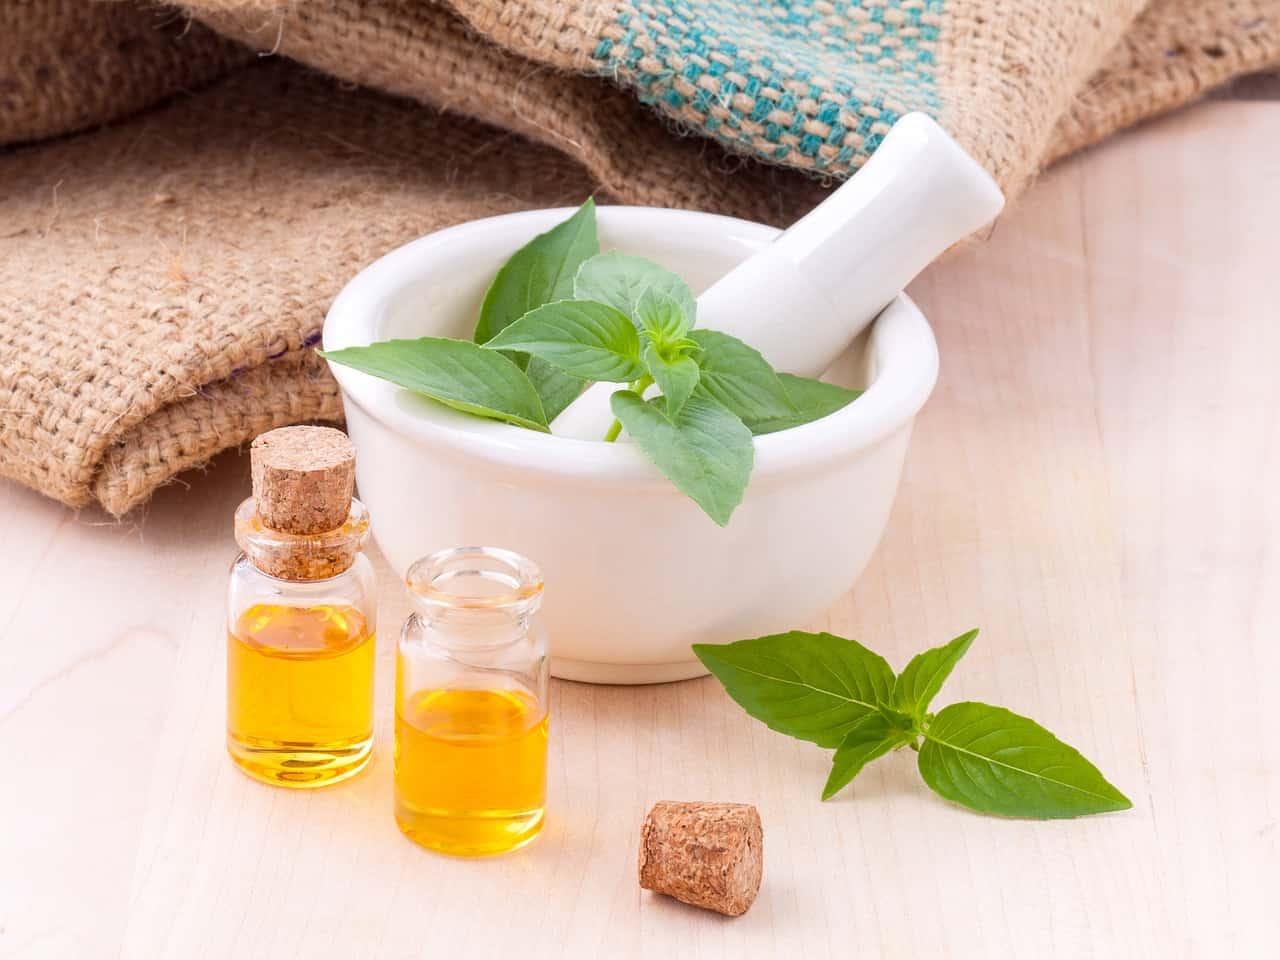 Premiers frimas : le top 5 des huiles essentielles anti virales